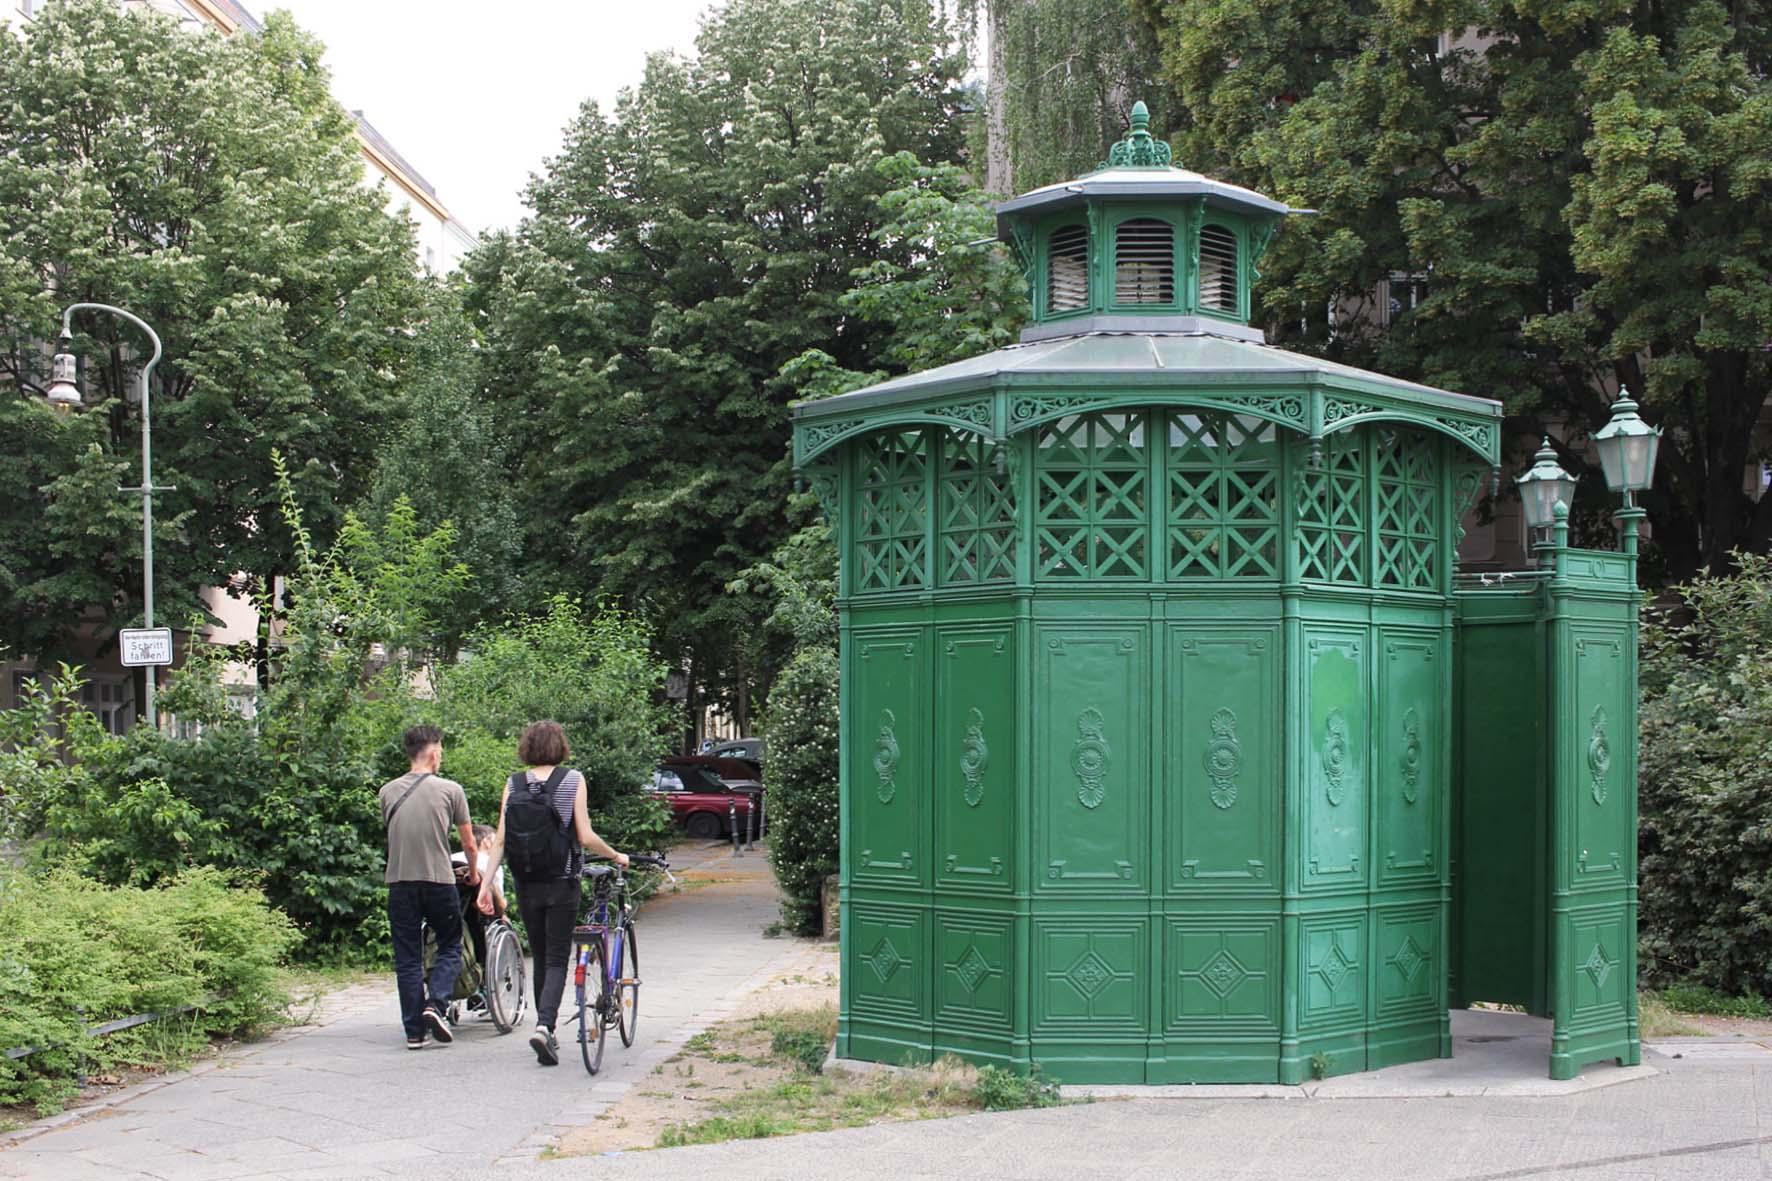 Café Achteck - Berlins Green Pissoir - Berlin Love